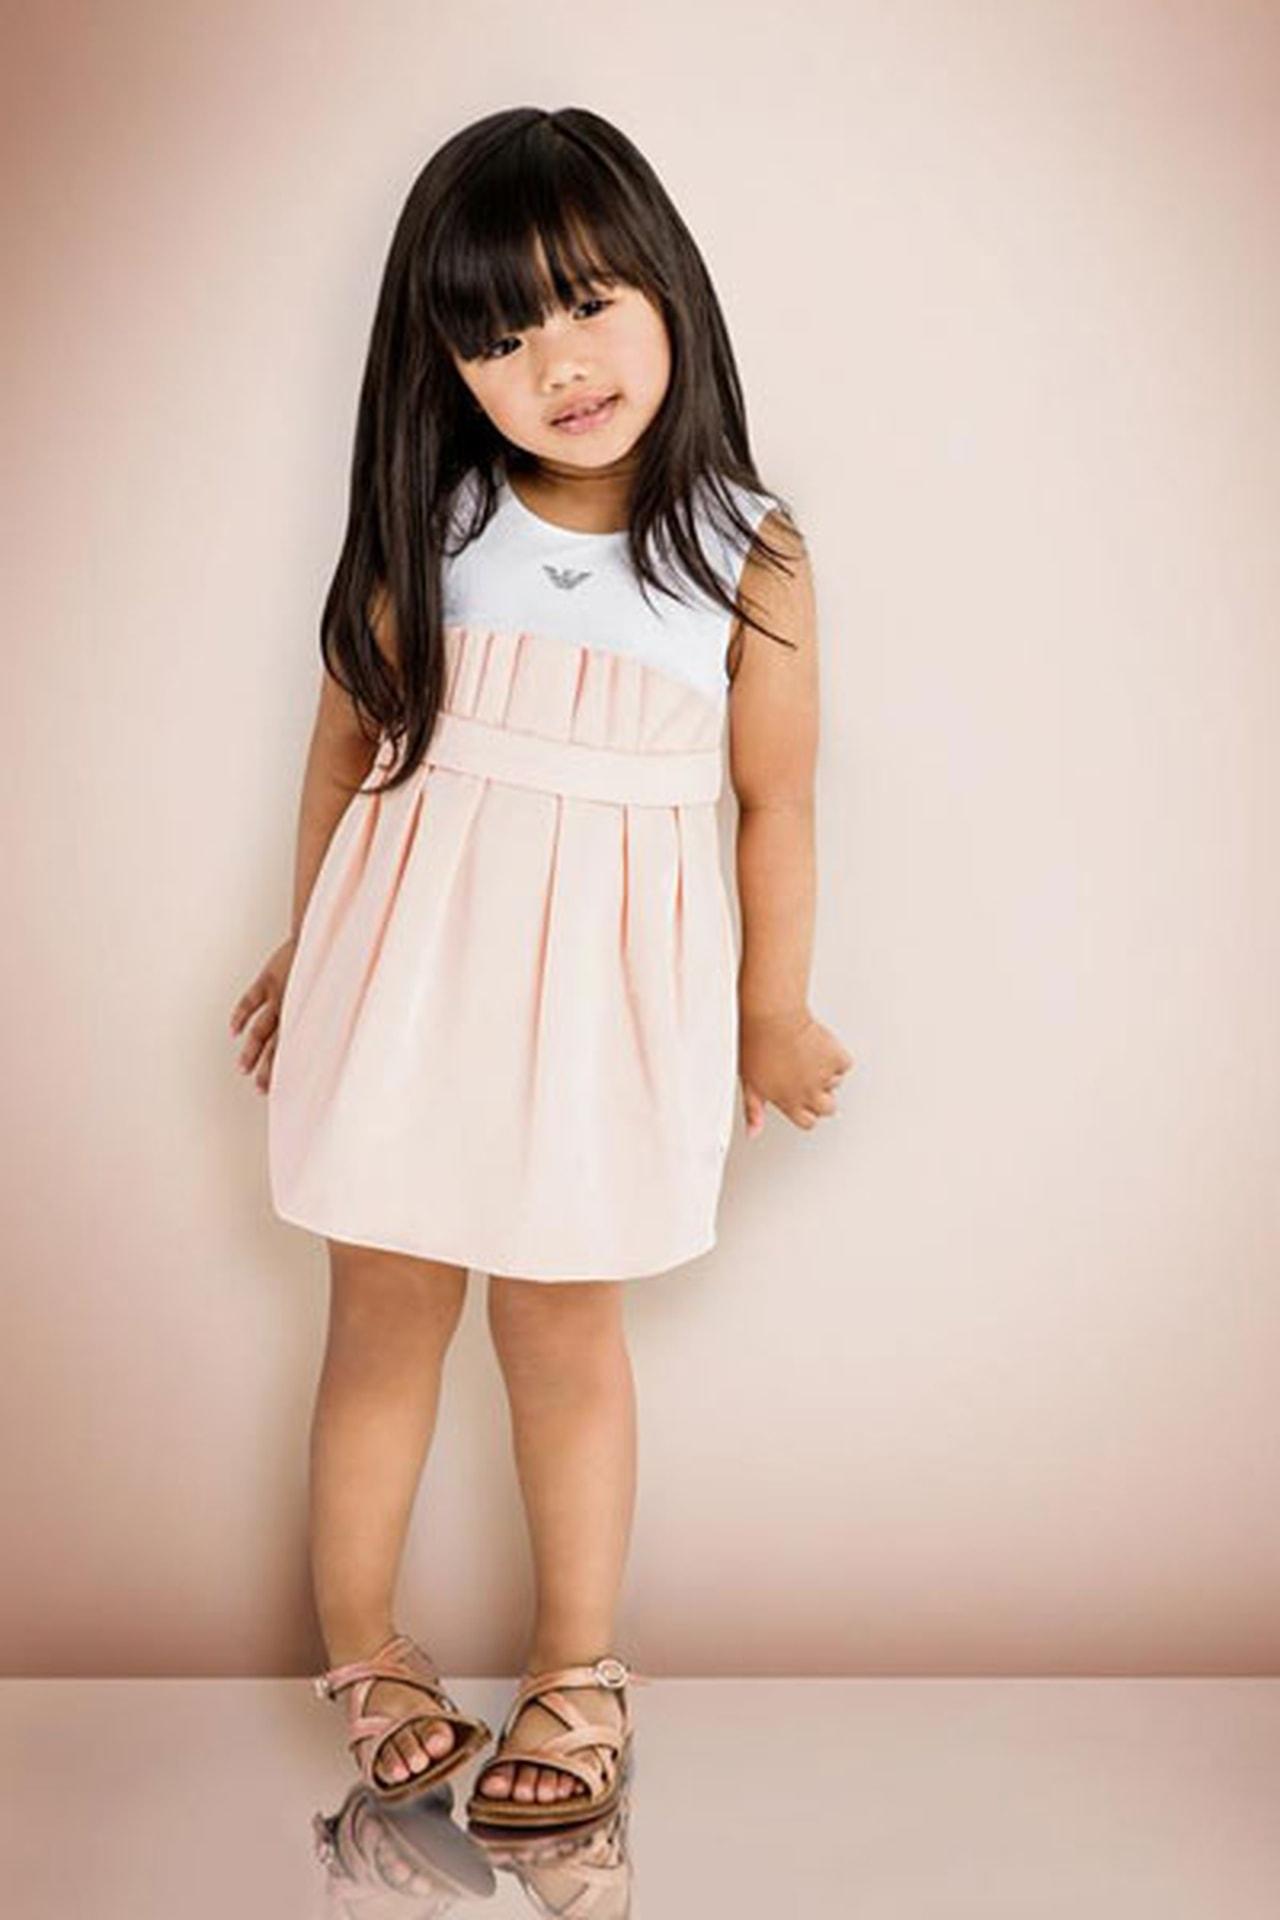 صور ملابس جميله للاطفال , احدث موديل لملابس الاطفال